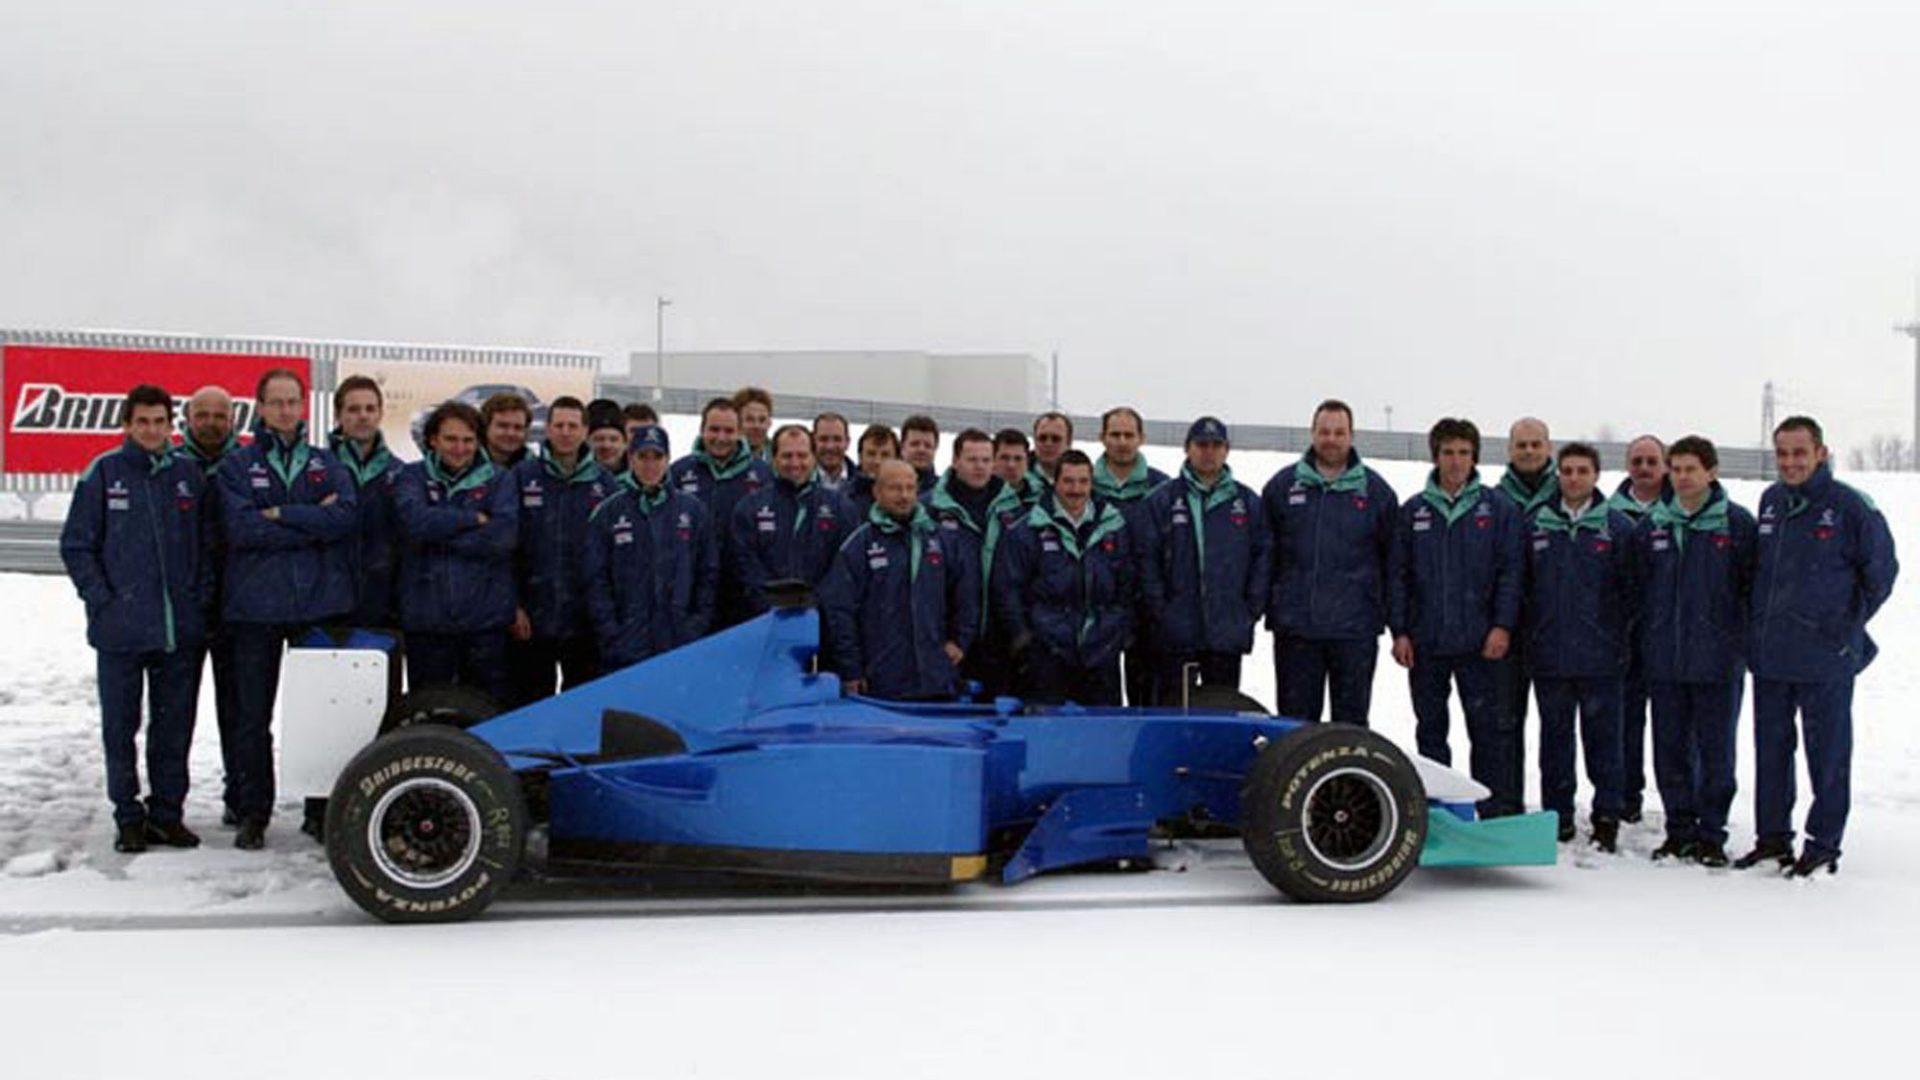 Gennaio 2013. Presentazione a Fiorano sulla neve per la nuova Sauber C22.